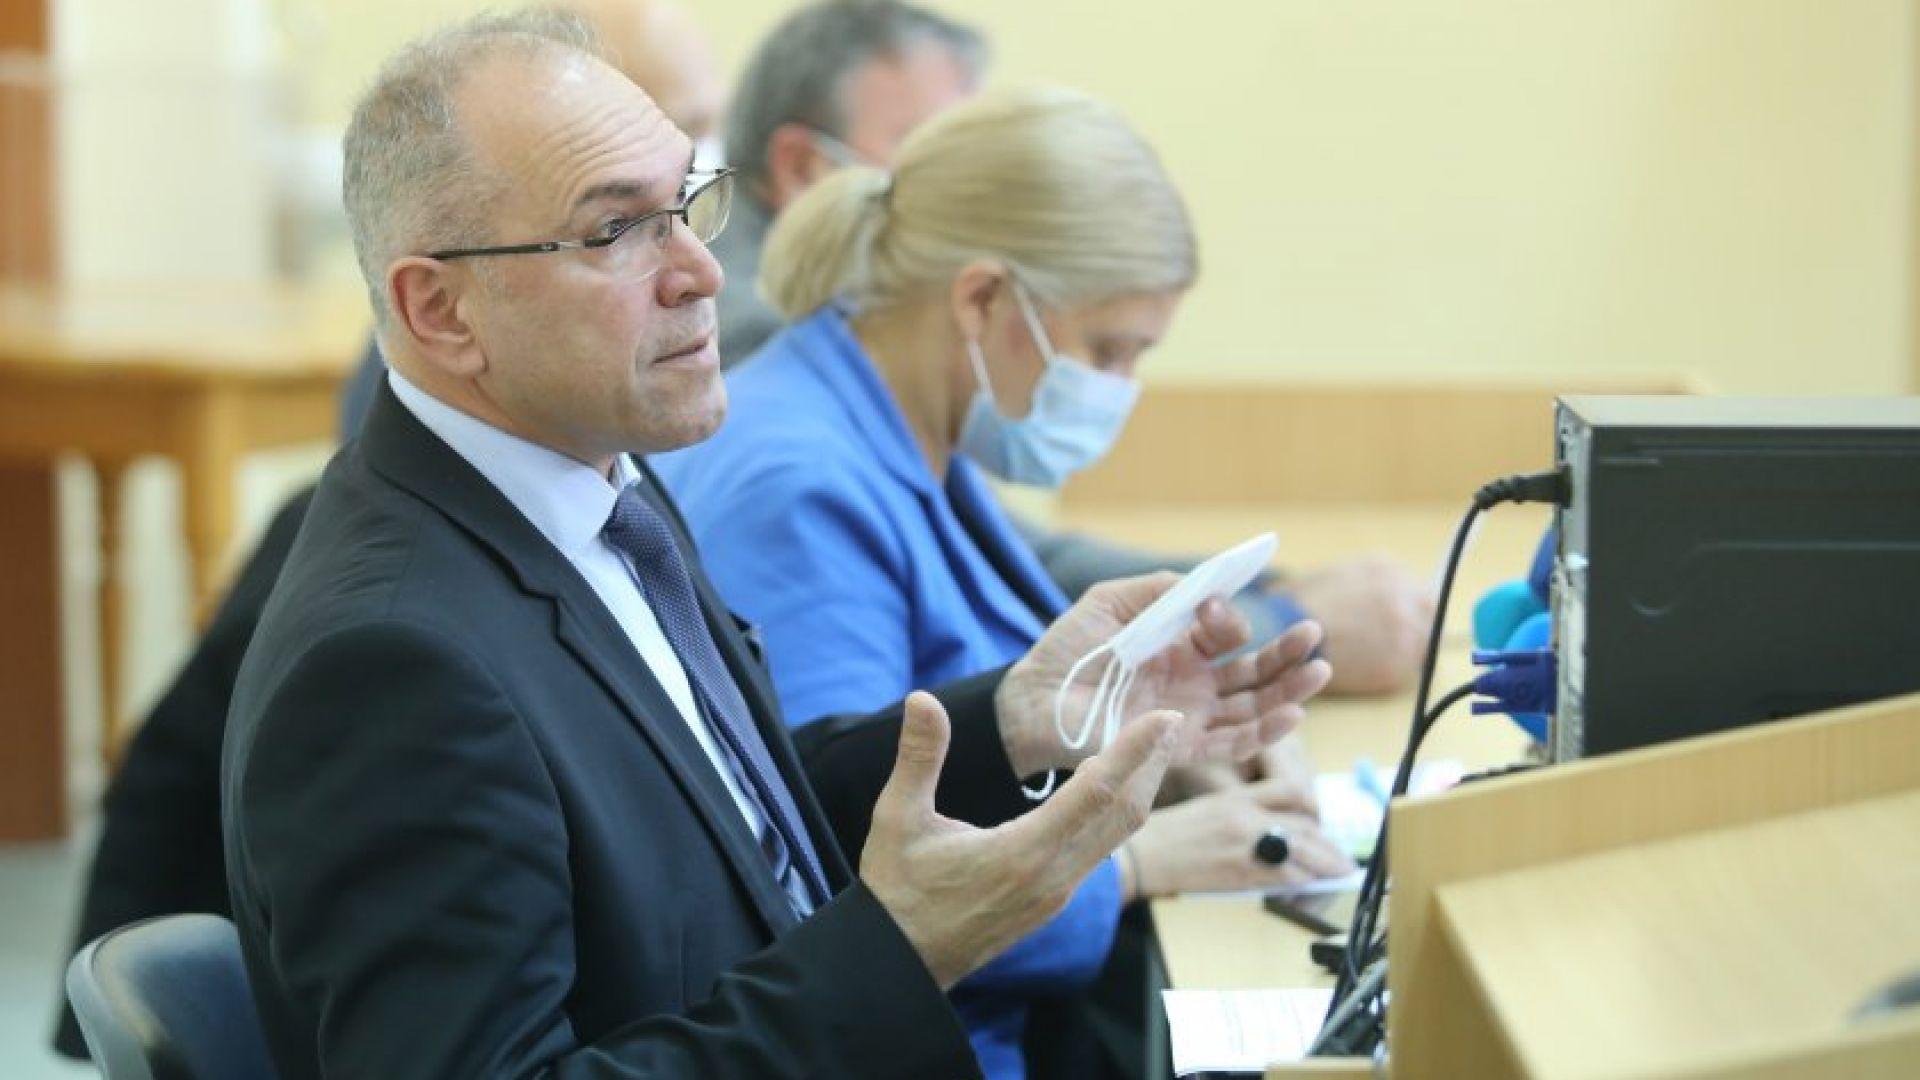 Шефът на Александровска болница не е разписал оставките в Клиниката по трансплантации